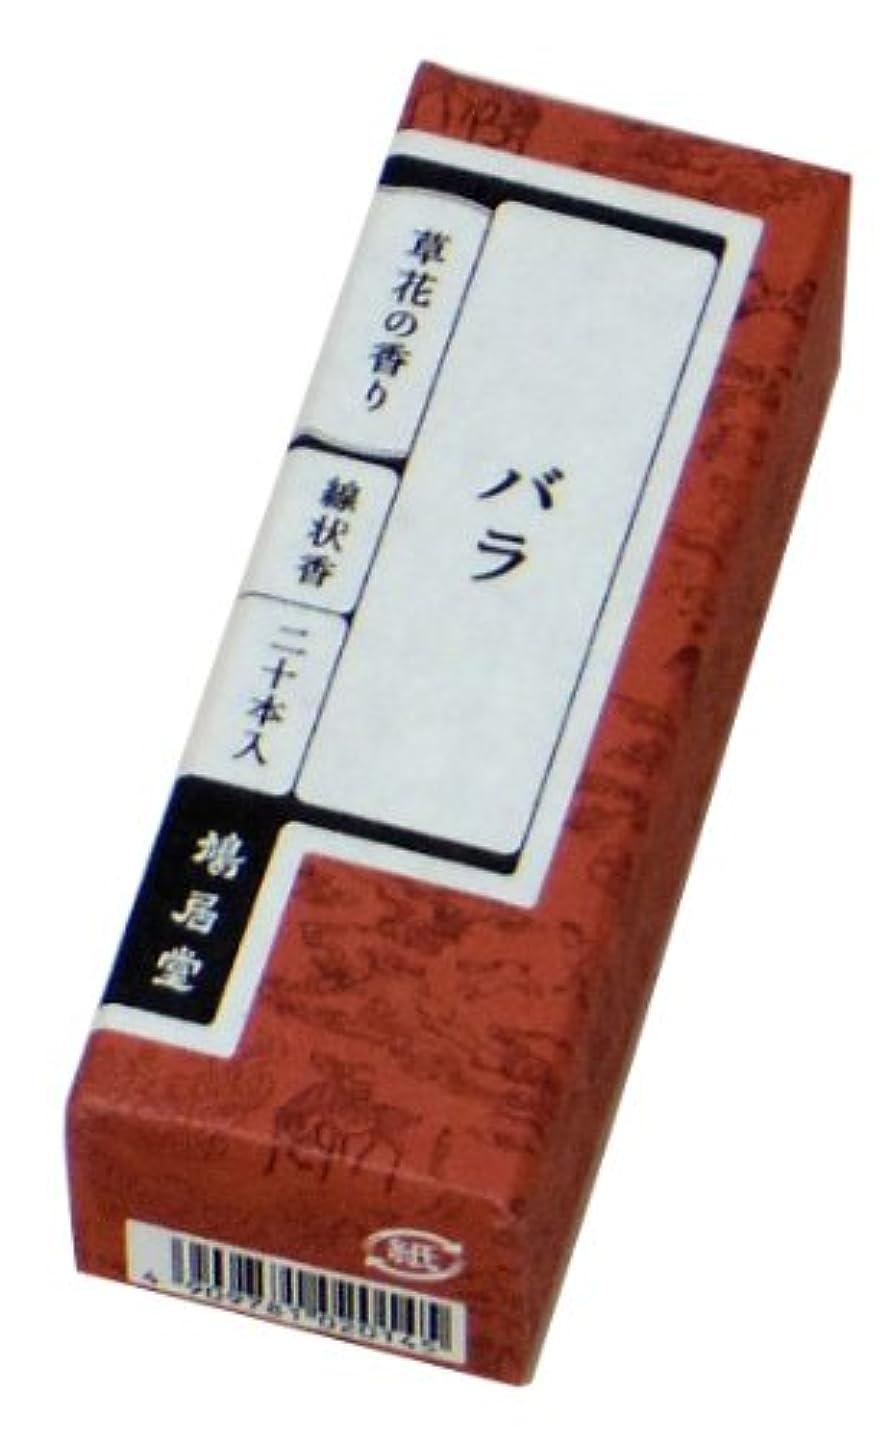 増幅する広がり磨かれた鳩居堂のお香 草花の香り バラ 20本入 6cm